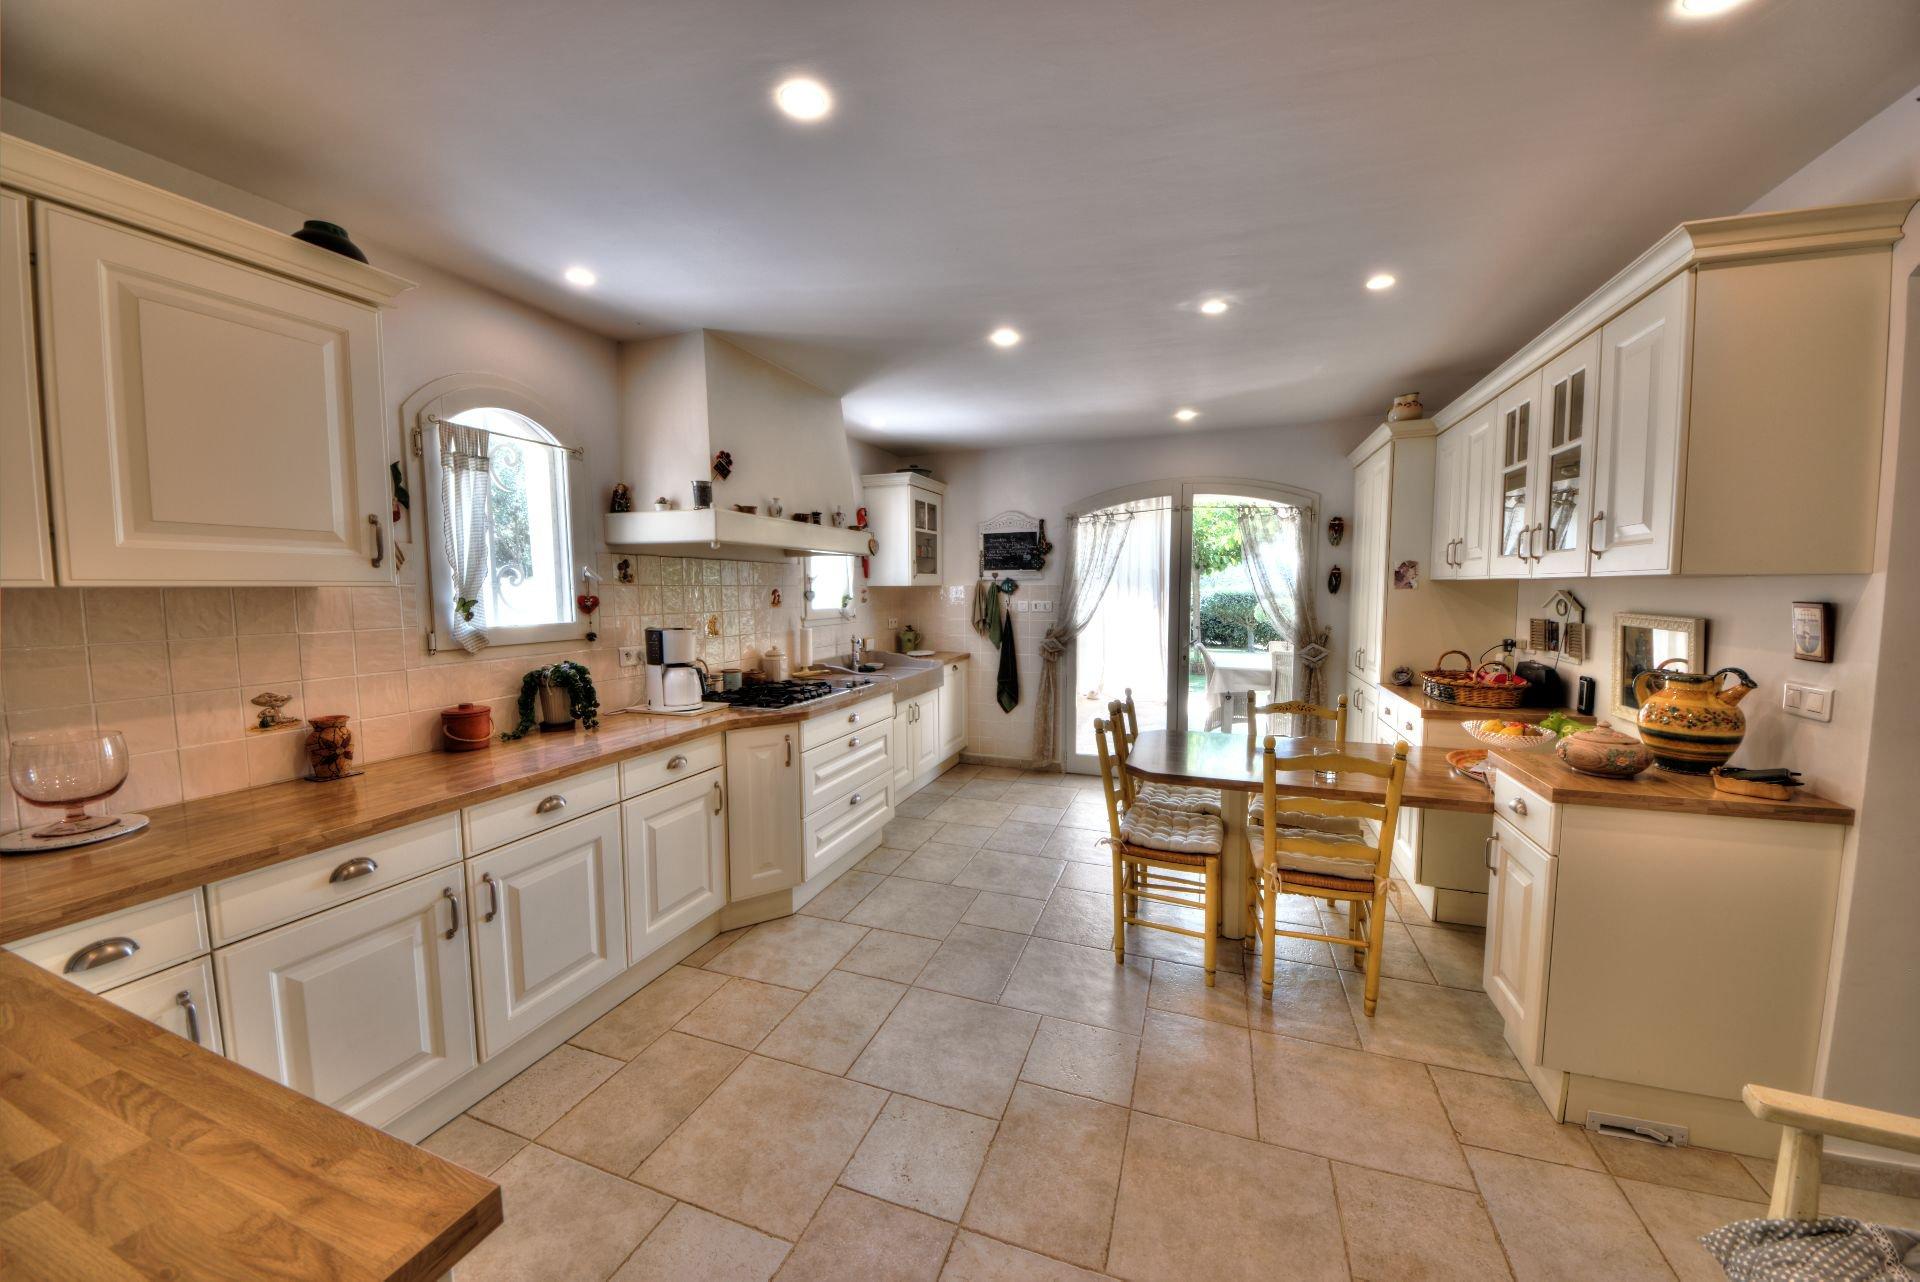 Kitchen, natural light, tile